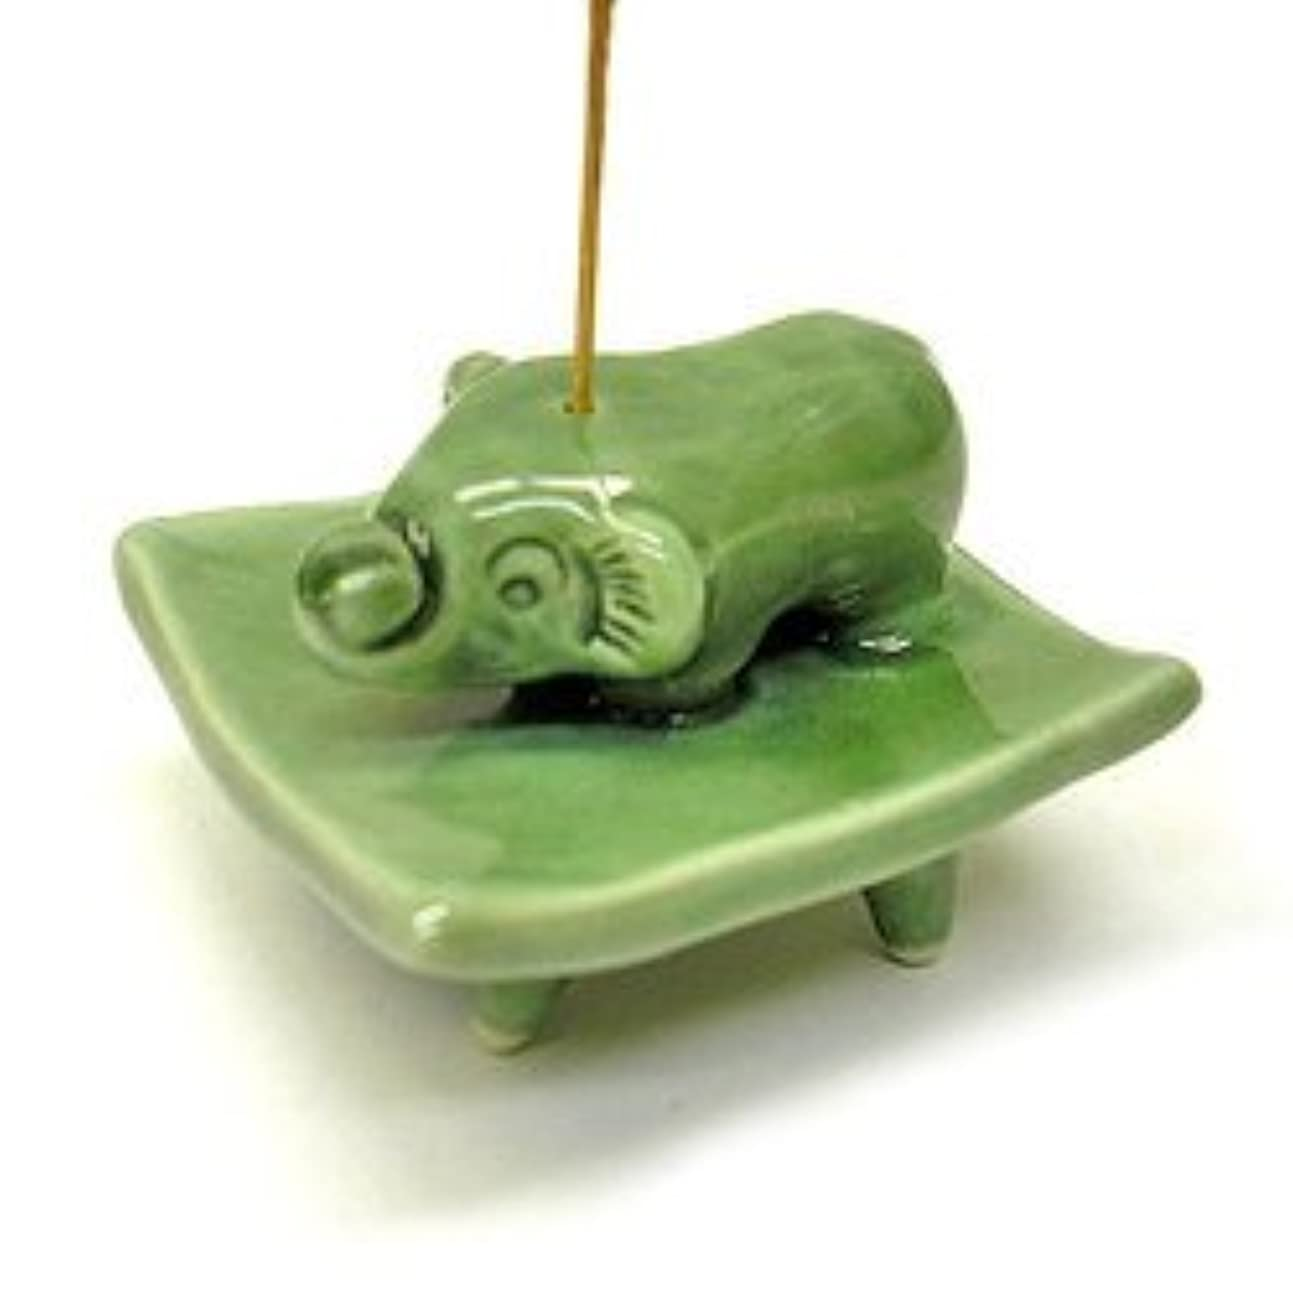 エンドウアーサー絵お皿に乗った象さん お香立て<緑> インセンスホルダー/スティックタイプ用お香立て?お香たて アジアン雑貨